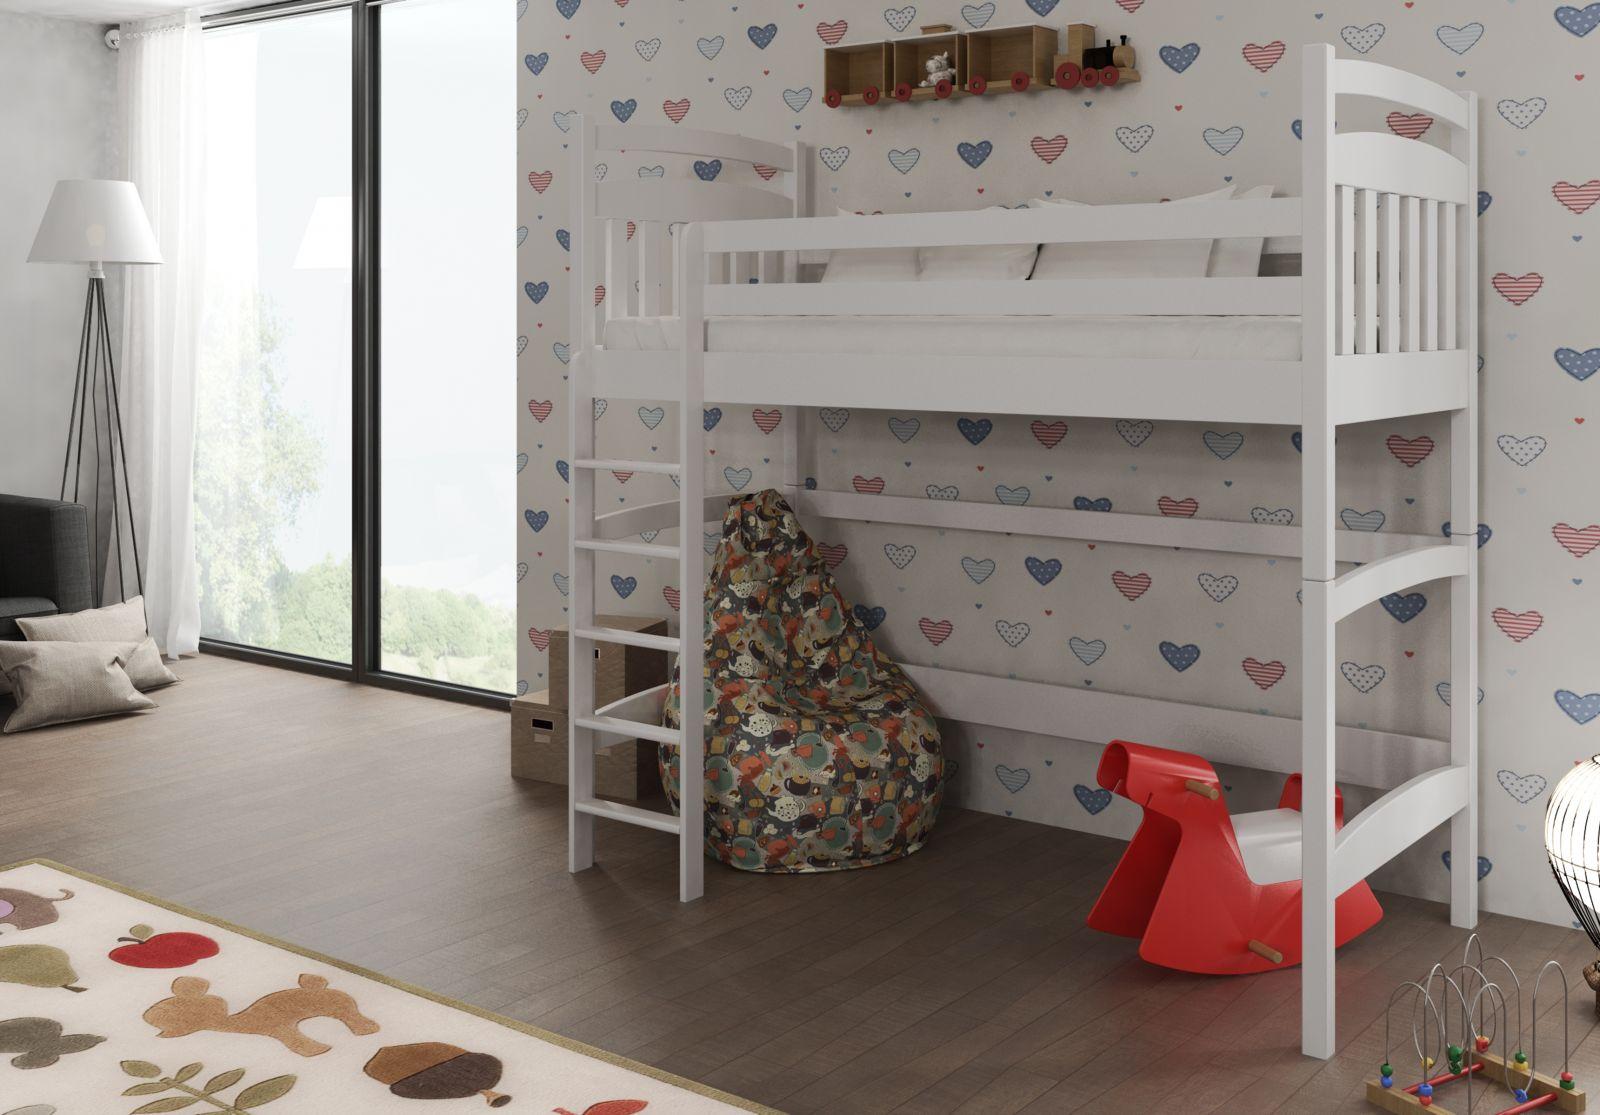 Lano Meble Vyvýšená postel Tess 80x180 cm (Š 88 cm, D 188 cm, V 185 cm), Bílá, bez matrací, žebřík na pravé straně